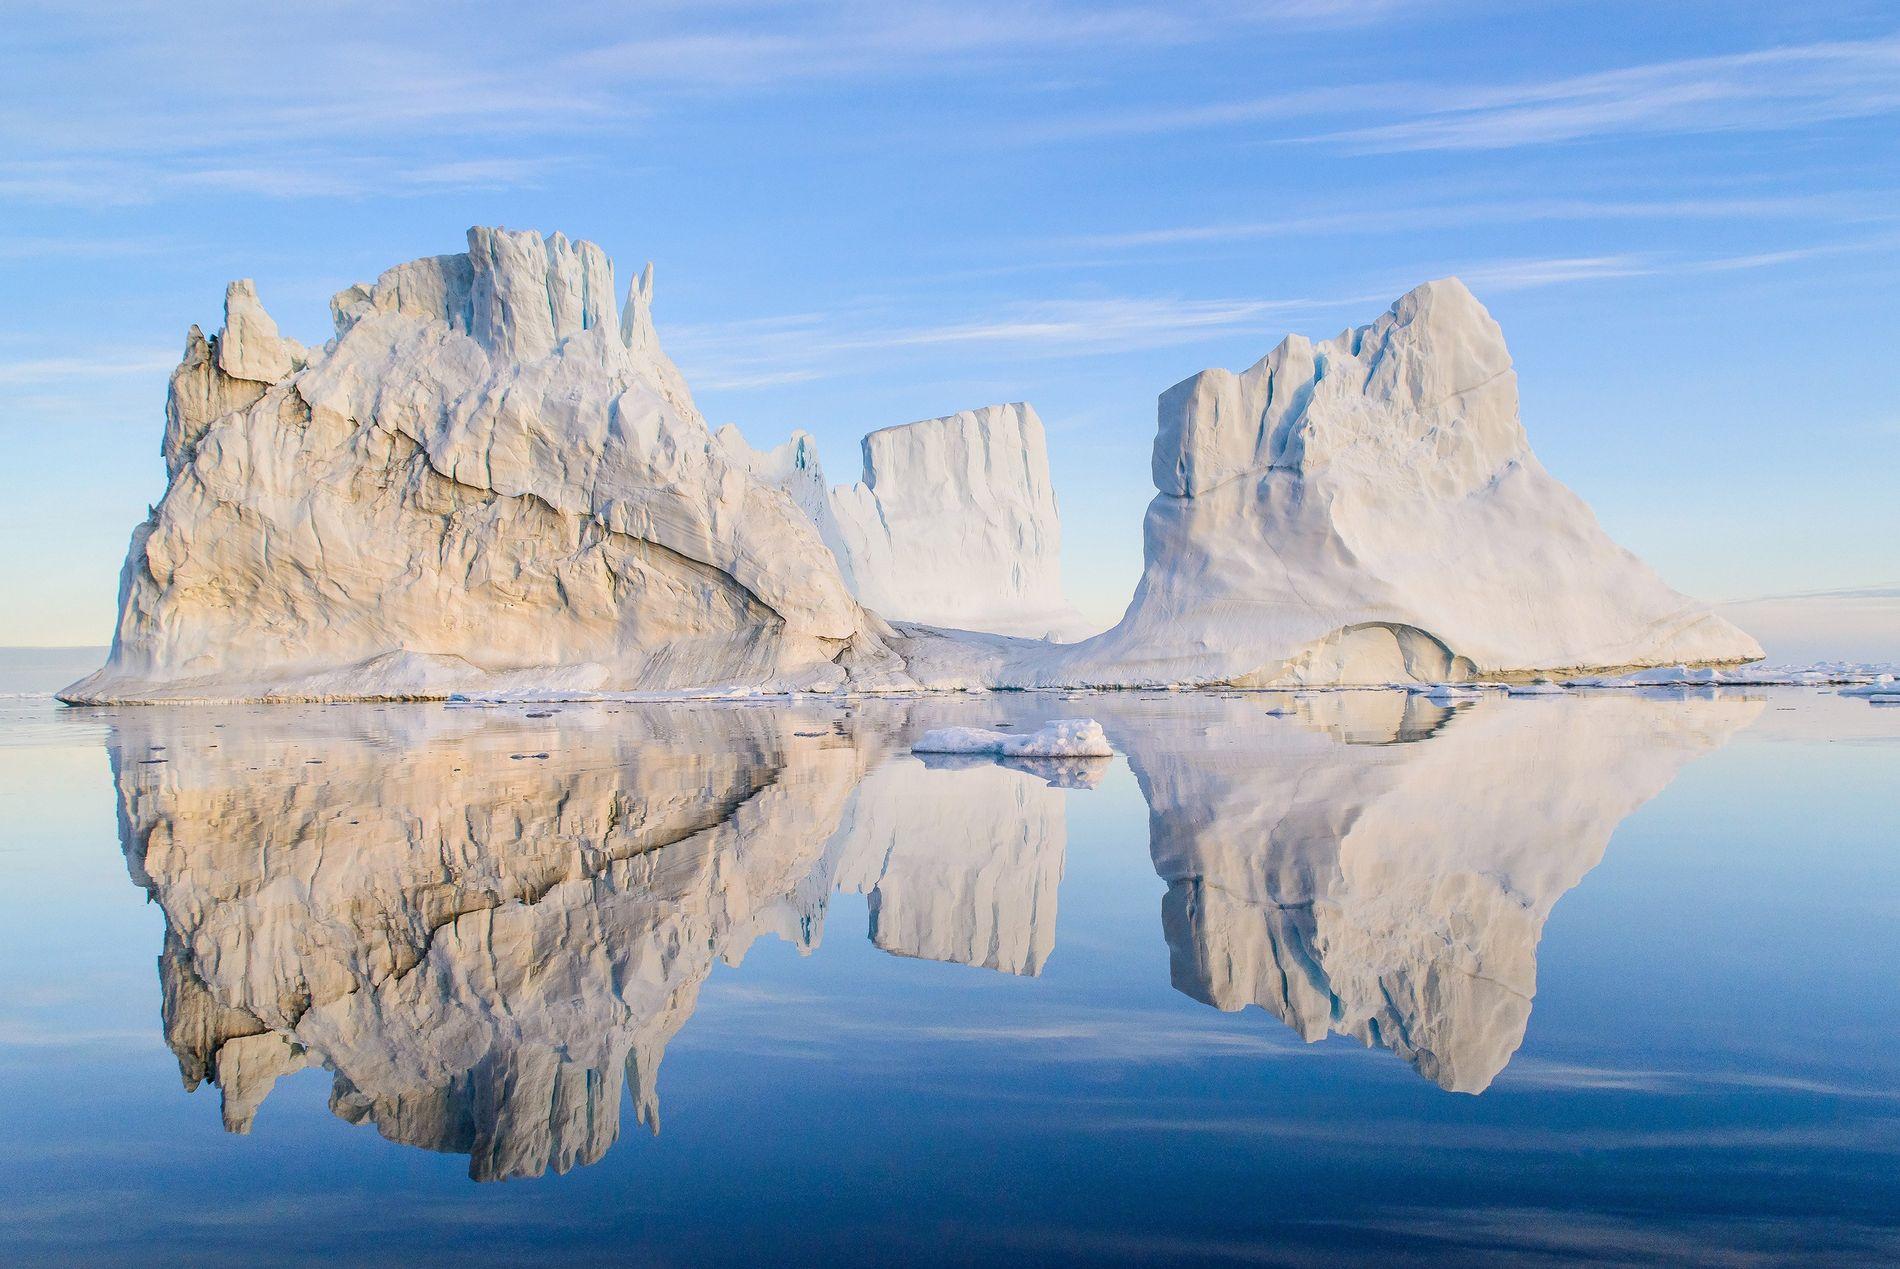 Les visiteurs doivent maintenir une distance de sécurité (trois fois la hauteur de la glace au ...